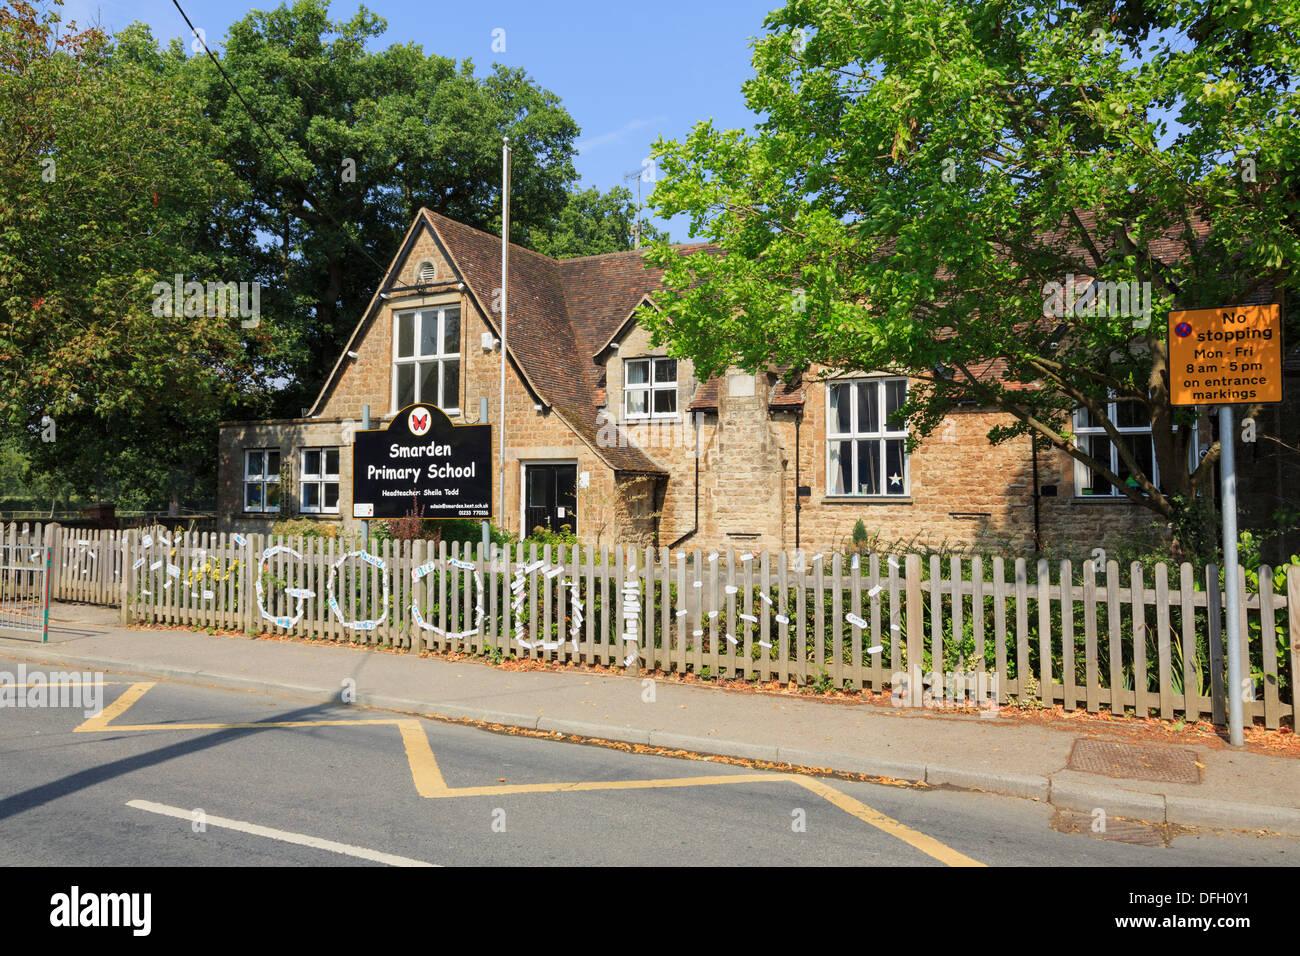 Aucun signe d'arrêt et jaune marquage routier en dehors d'une école primaire de Village North Harrow, Kent, Angleterre, Royaume-Uni, Angleterre Photo Stock